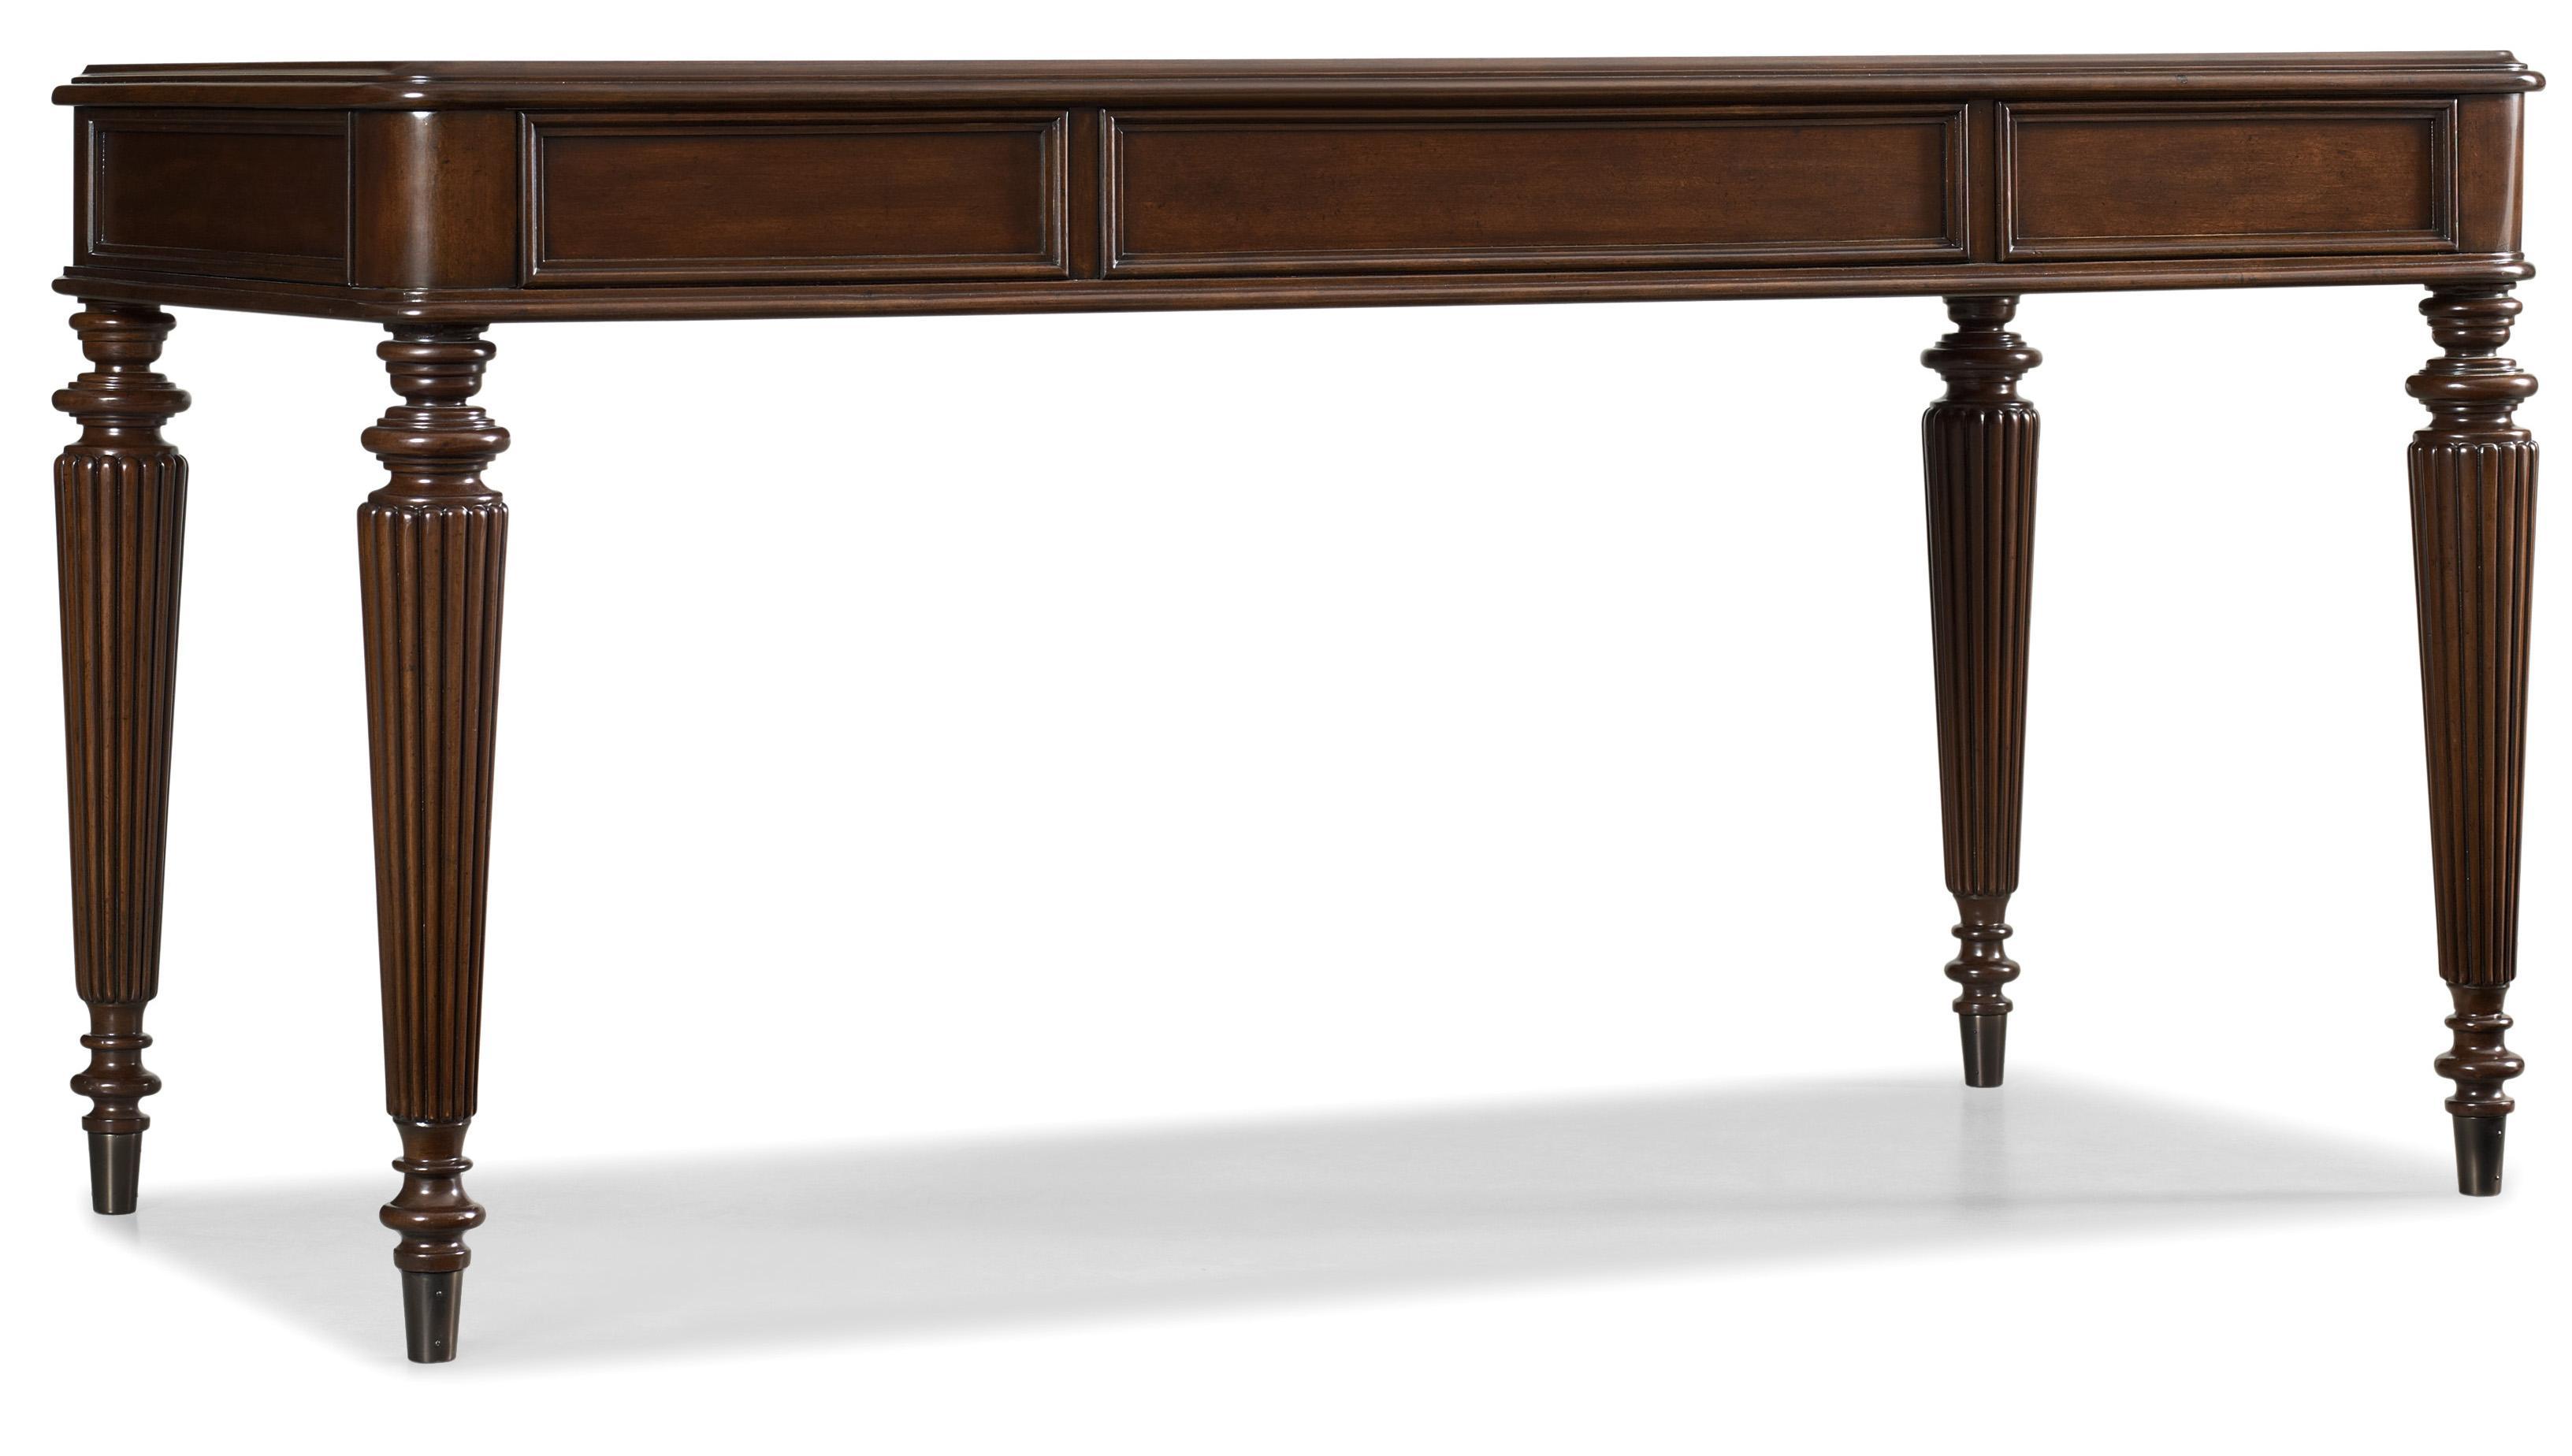 Hooker Furniture Home Office Leg Desk - Item Number: 5085-10458